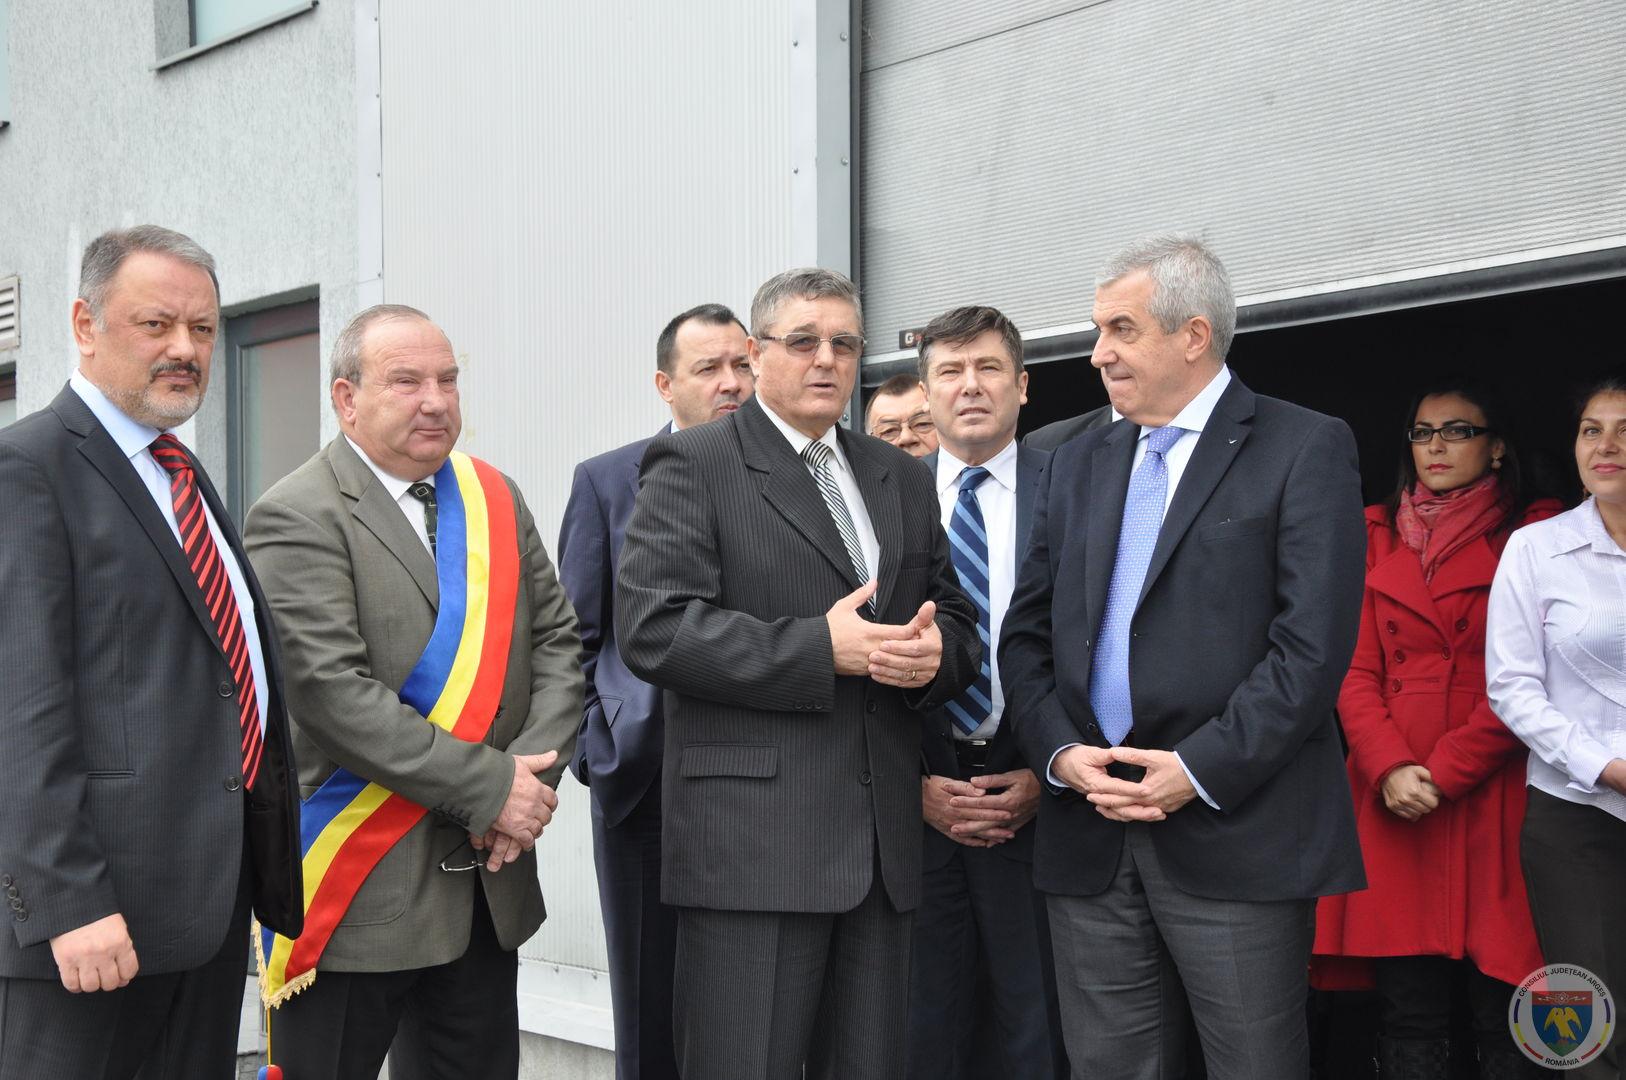 Vizita Calin Popescu Tariceanu 11.11.2014 (8).JPG